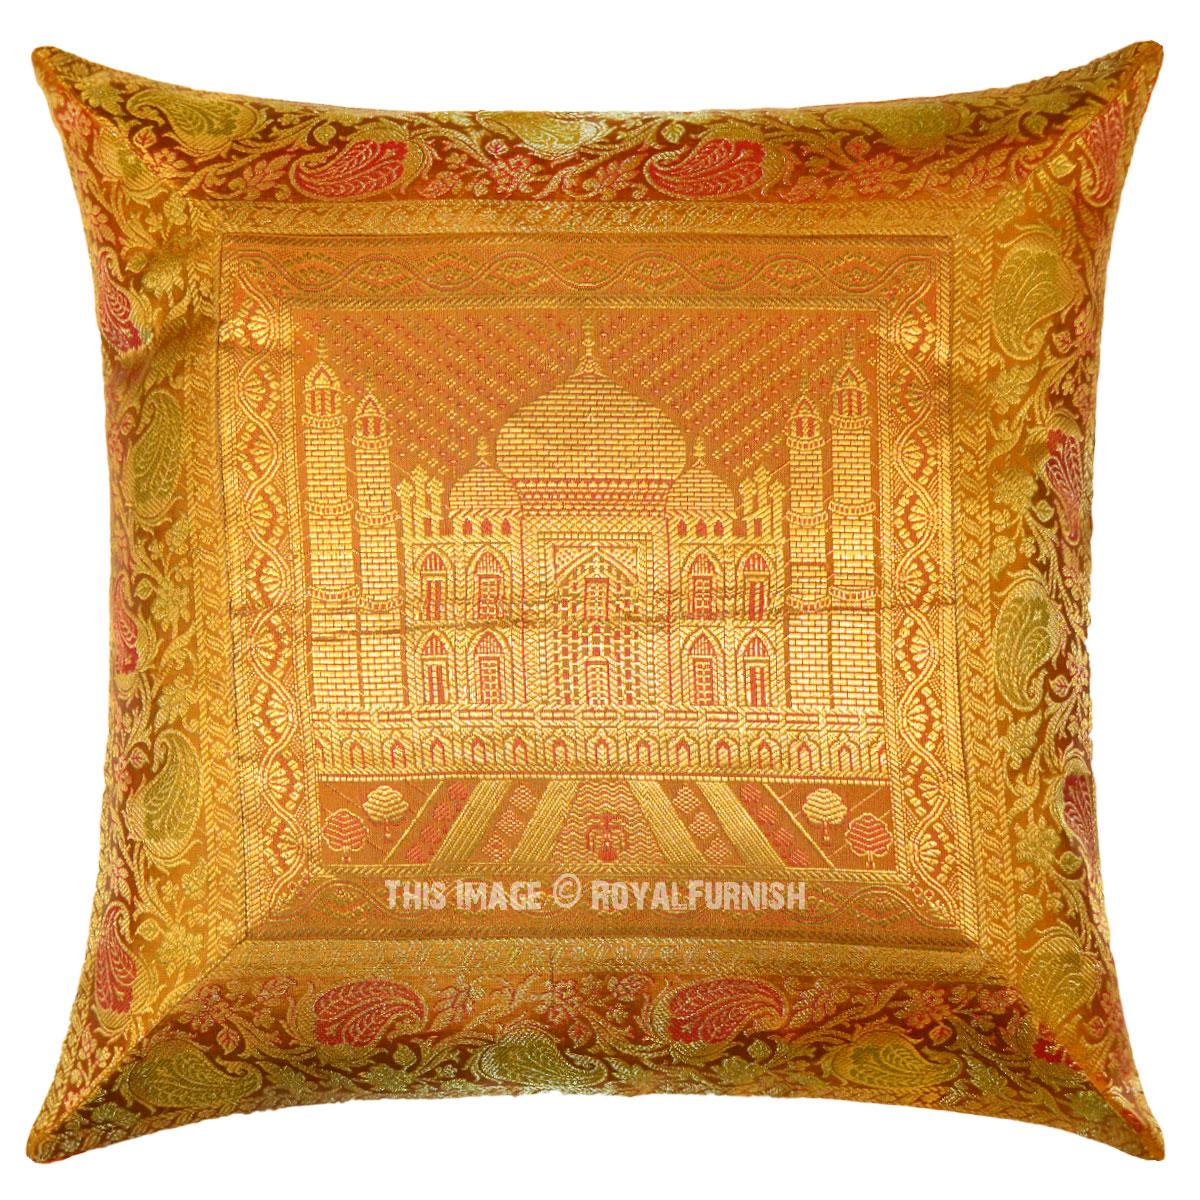 Gold Color Tajmahal Featuring Decorative India Silk Brocade Pillow Cover - RoyalFurnish.com